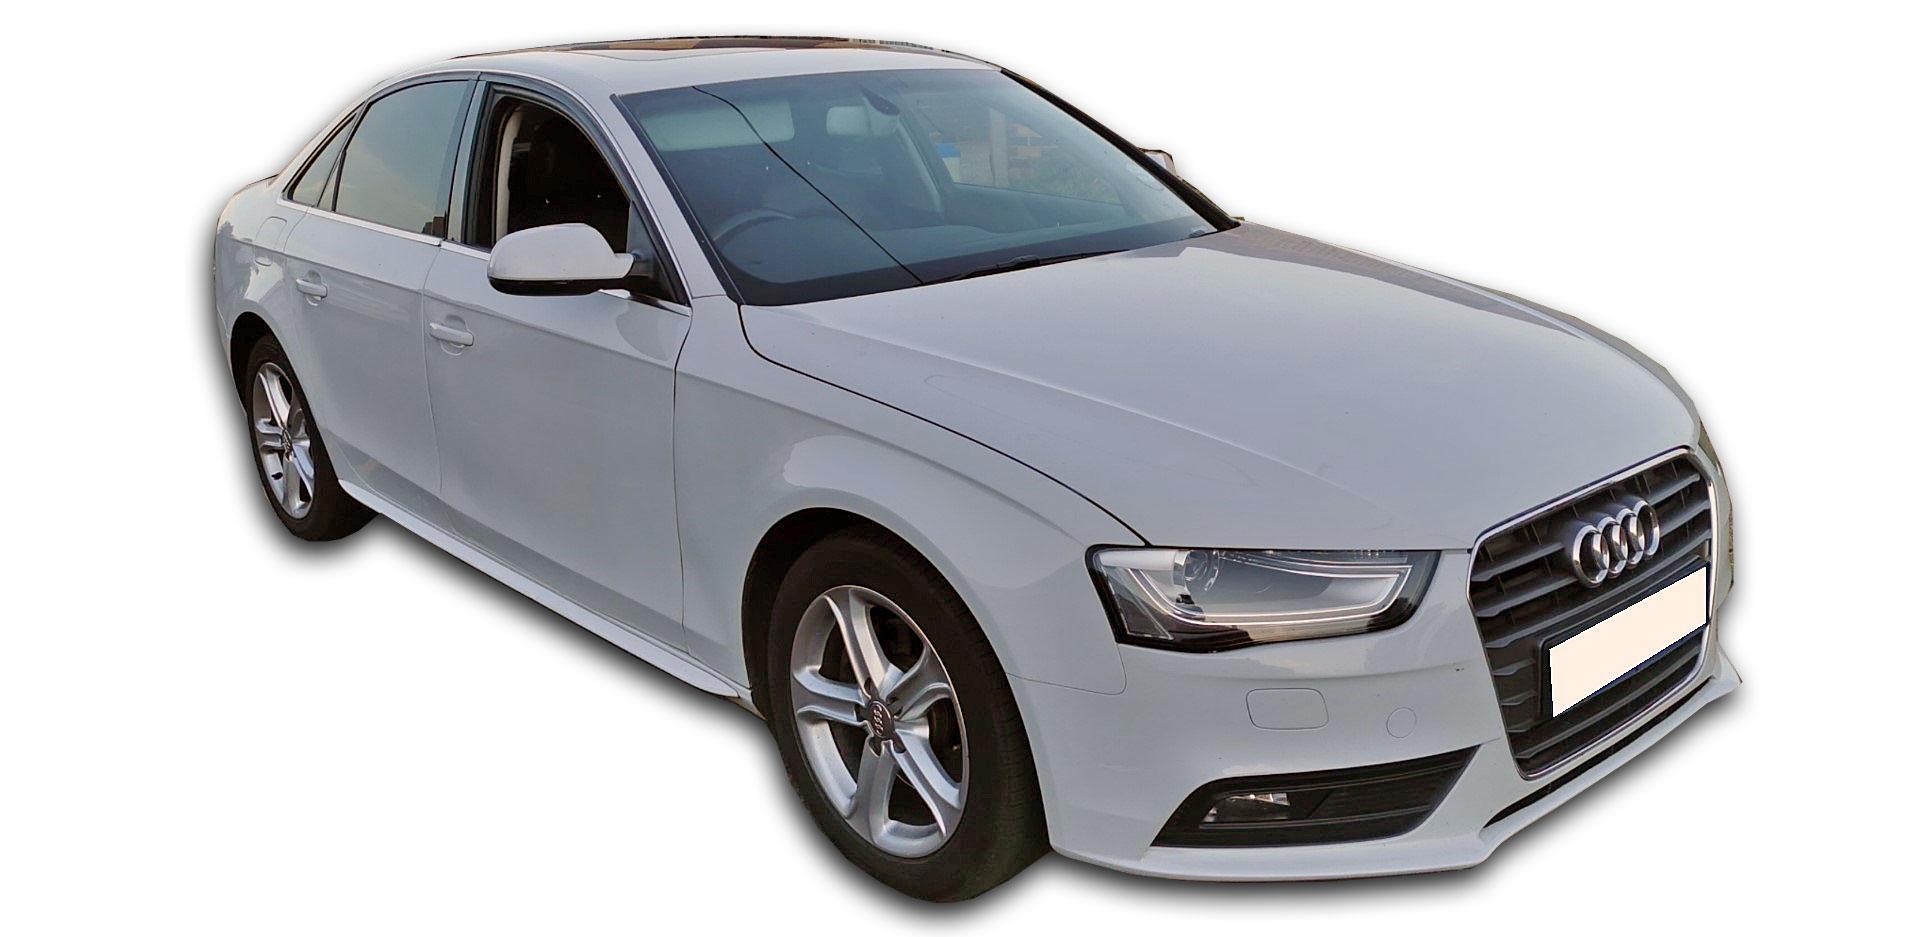 Audi A4 1.8 TDI B8